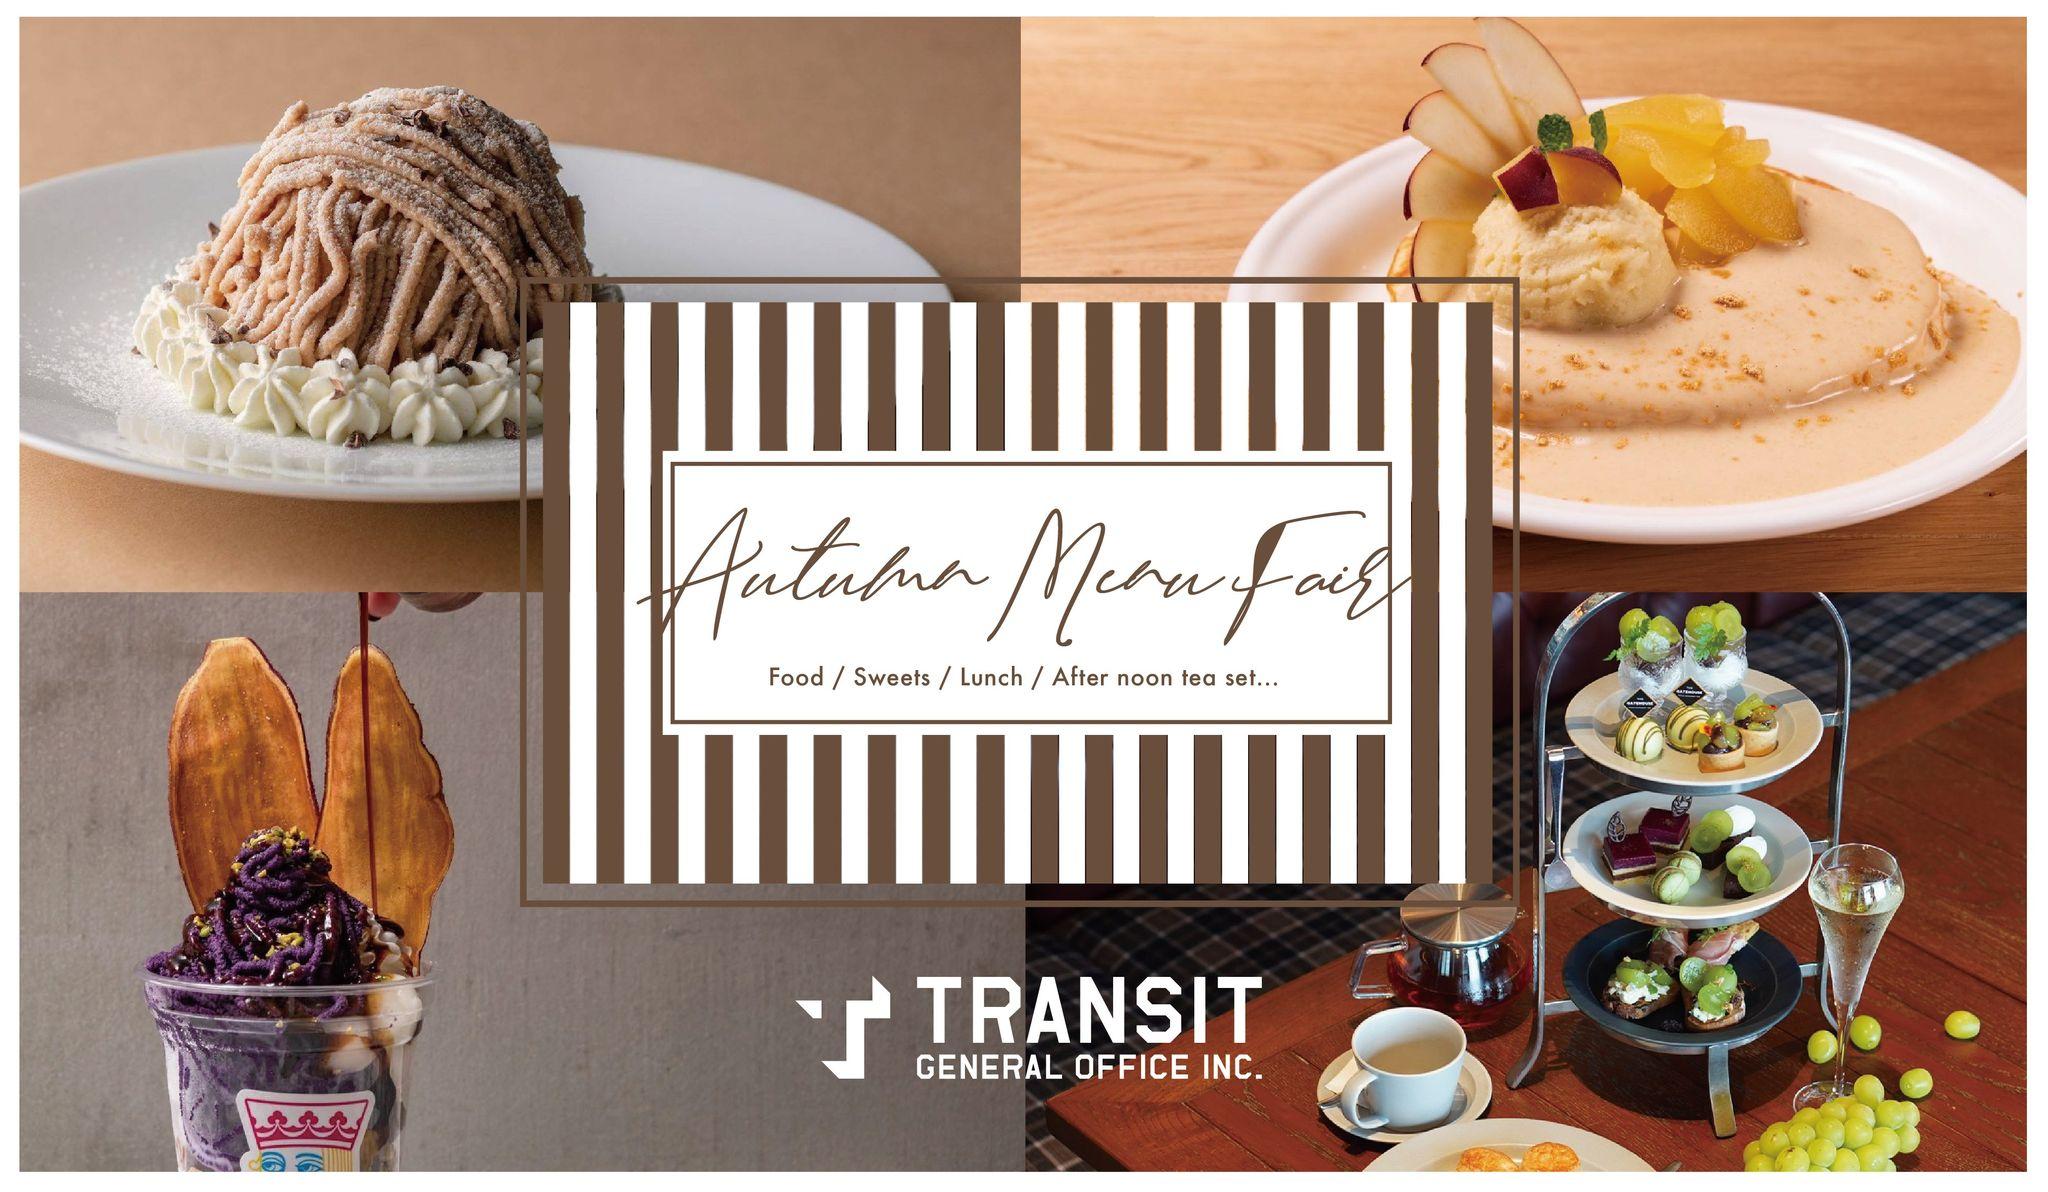 【TRANSIT AUTUMN MENU FAIRY】秋の味覚さつまいもを使ったスイーツや、モンブランなど秋をたっぷり楽しめる新メニュー!